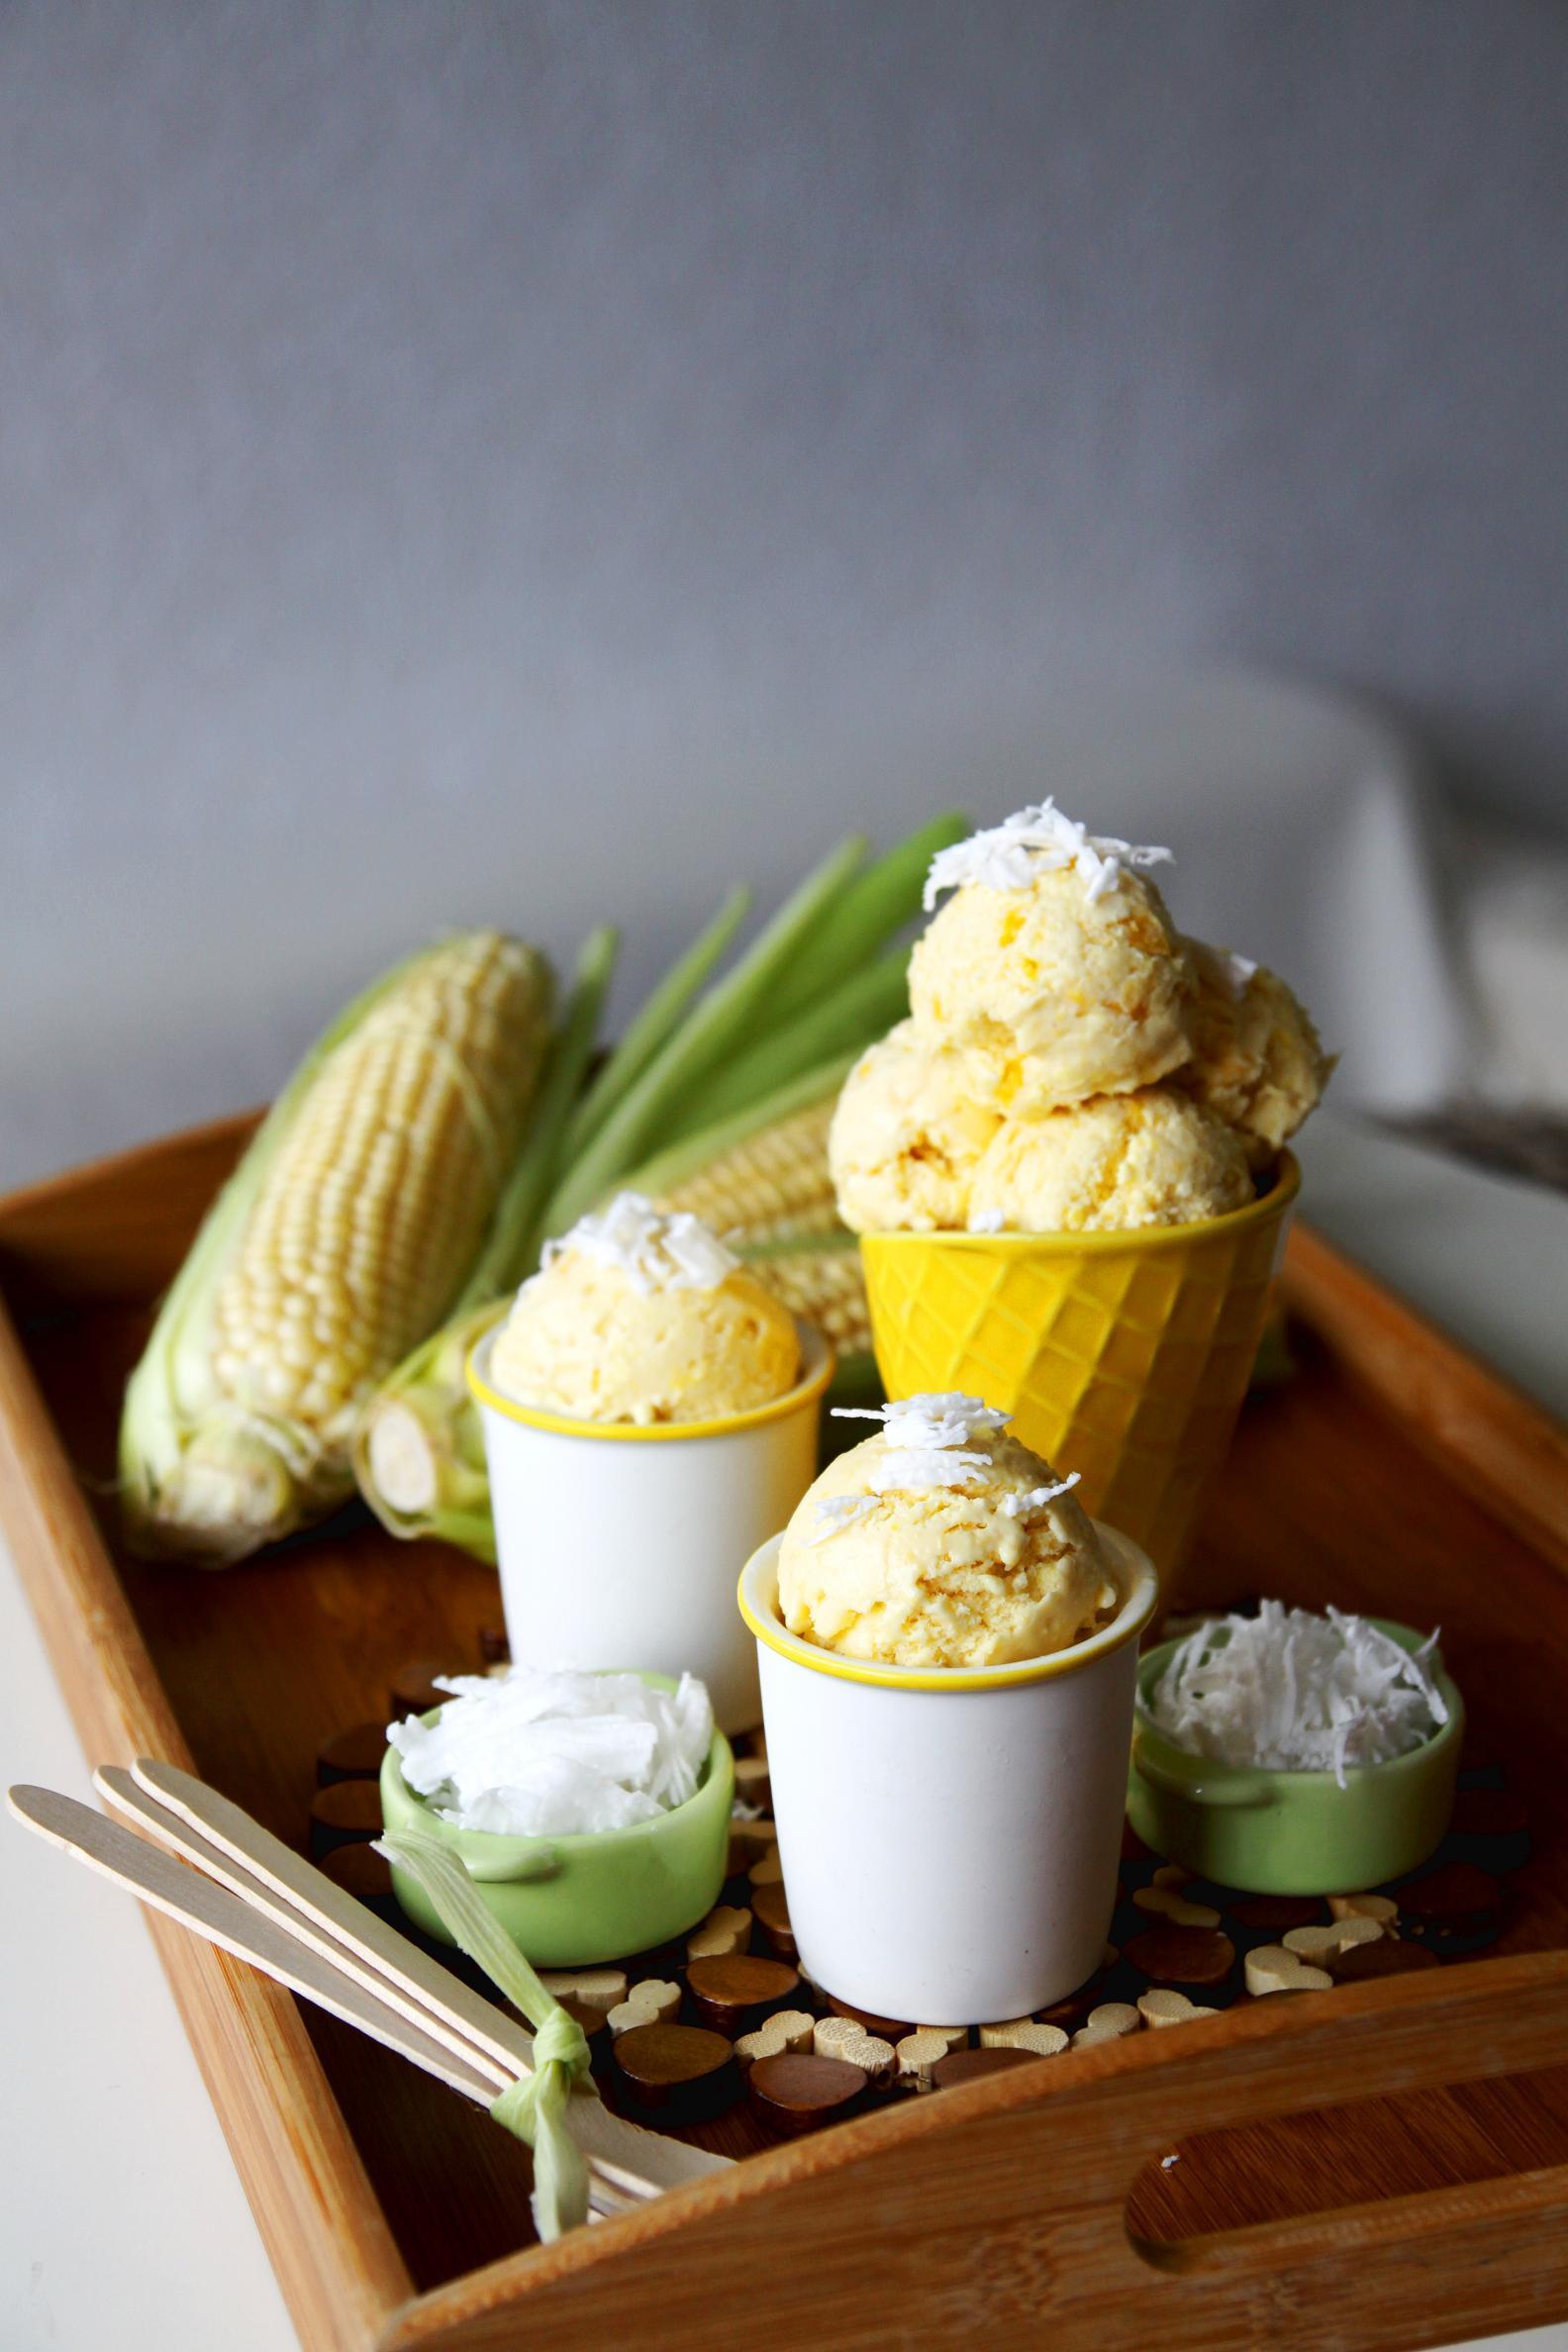 Cách làm kem ngô ngon đơn giản tại nhà-1